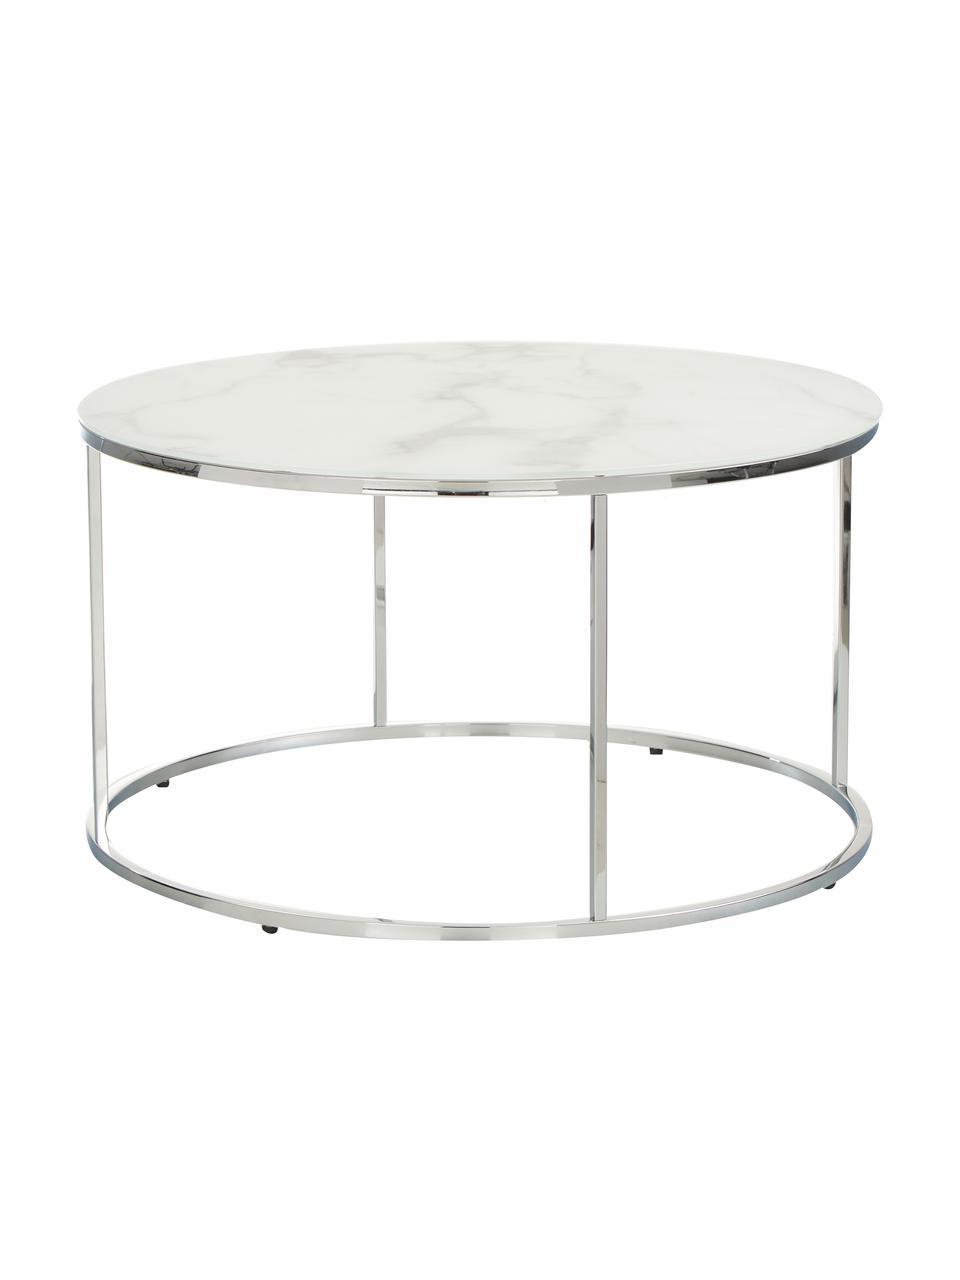 Couchtisch Antigua mit marmorierter Glasplatte, Tischplatte: Glas, matt bedruckt, Gestell: Stahl, verchromt, Weiß-grau marmoriert, Silberfarben, Ø 80 x H 45 cm